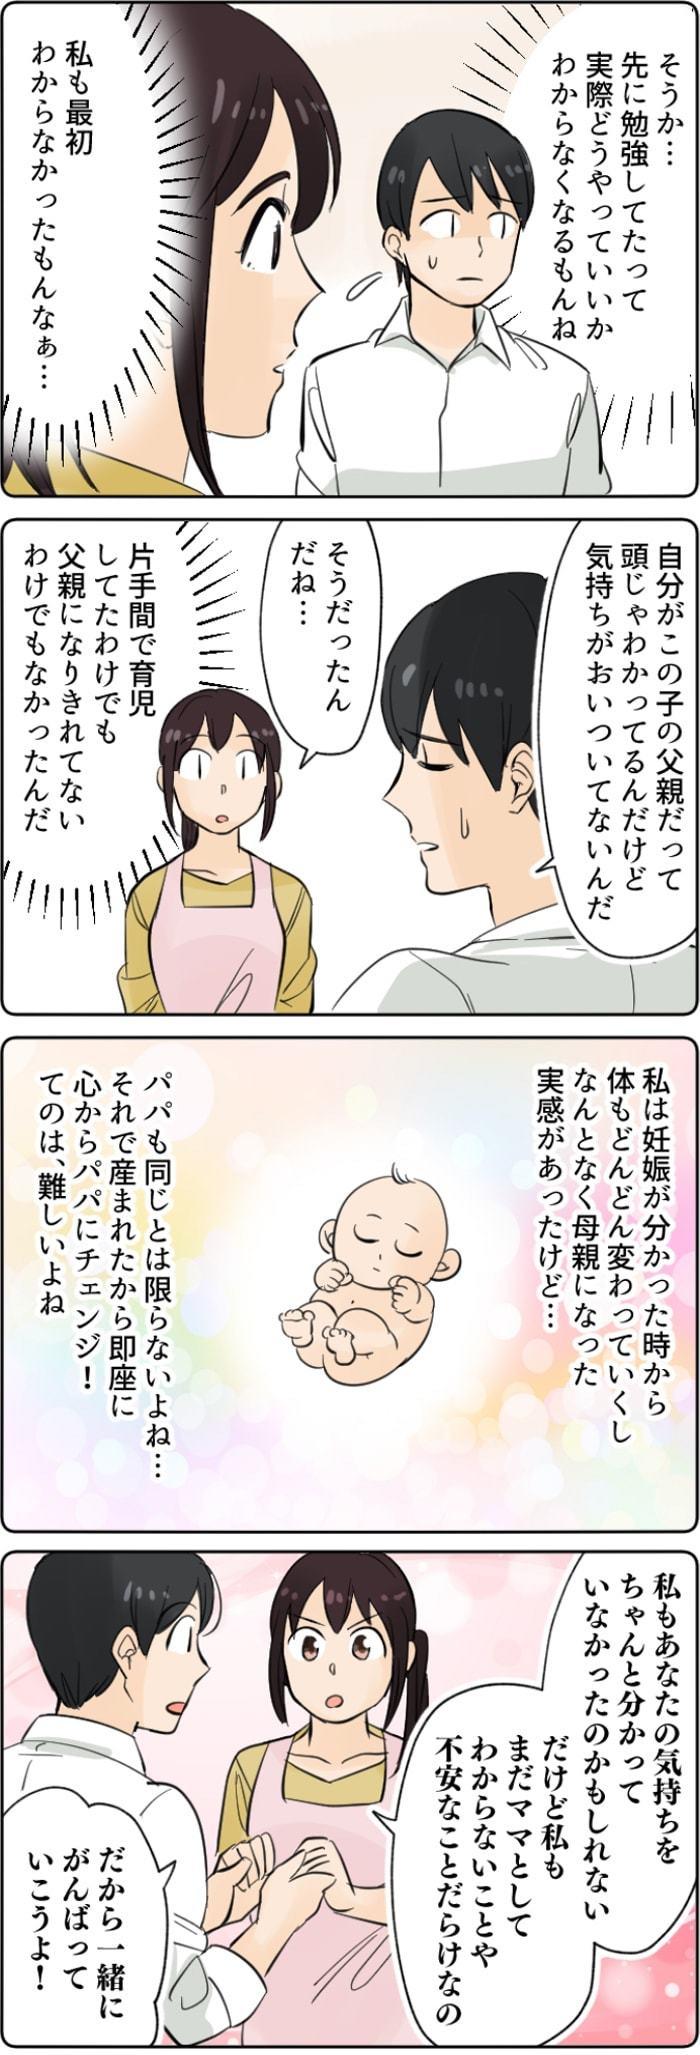 """「スマホ見ないで子どもを見て!」夫婦喧嘩の末に気付いた""""親になる""""ということの画像5"""